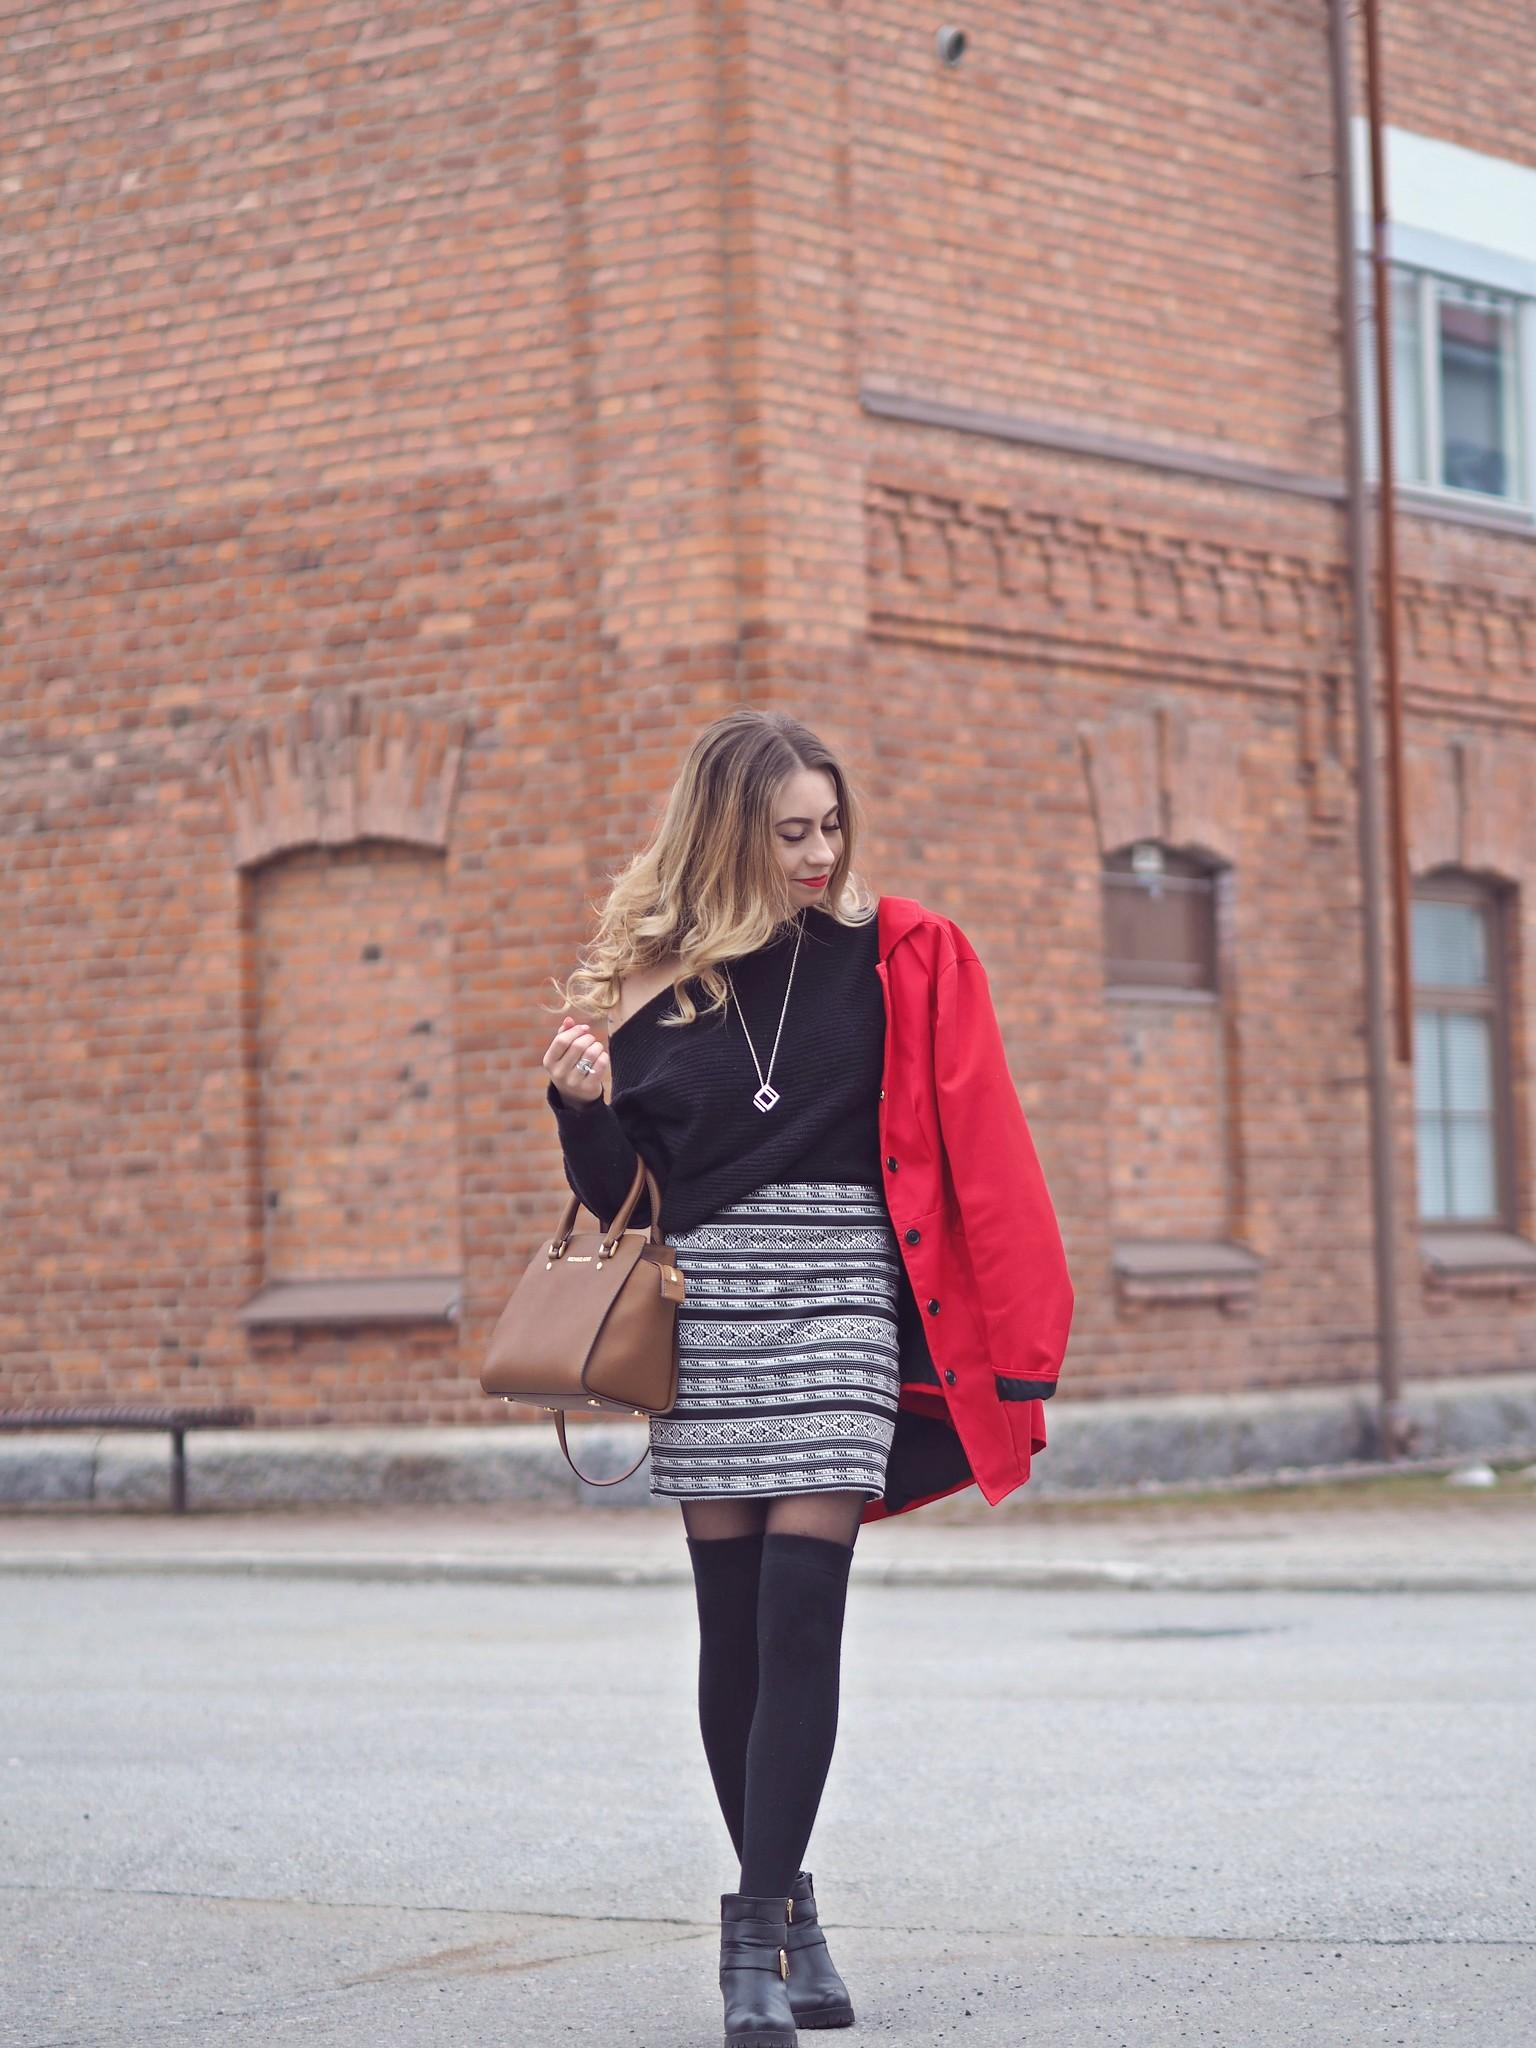 mustavalkoinen asu punaisella takilla